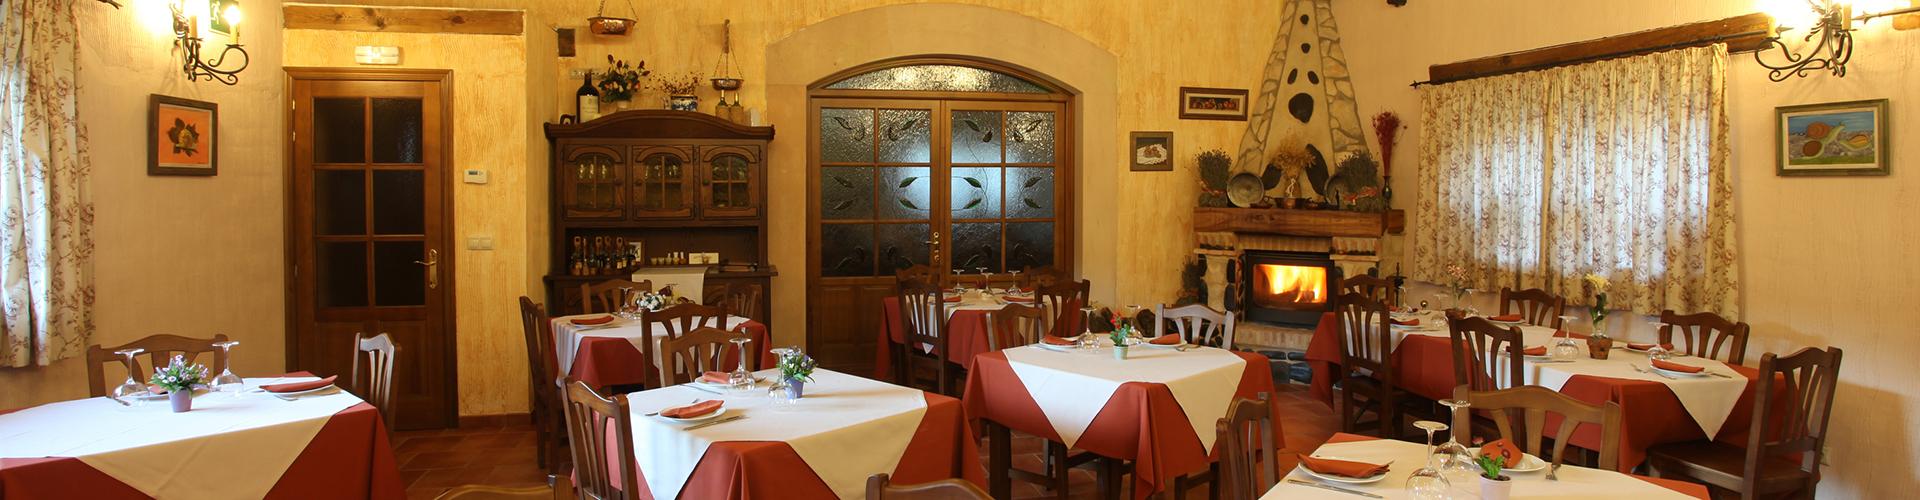 HOTEL RURAL SPA LA SENDA DE LOS CARACOLES (5)